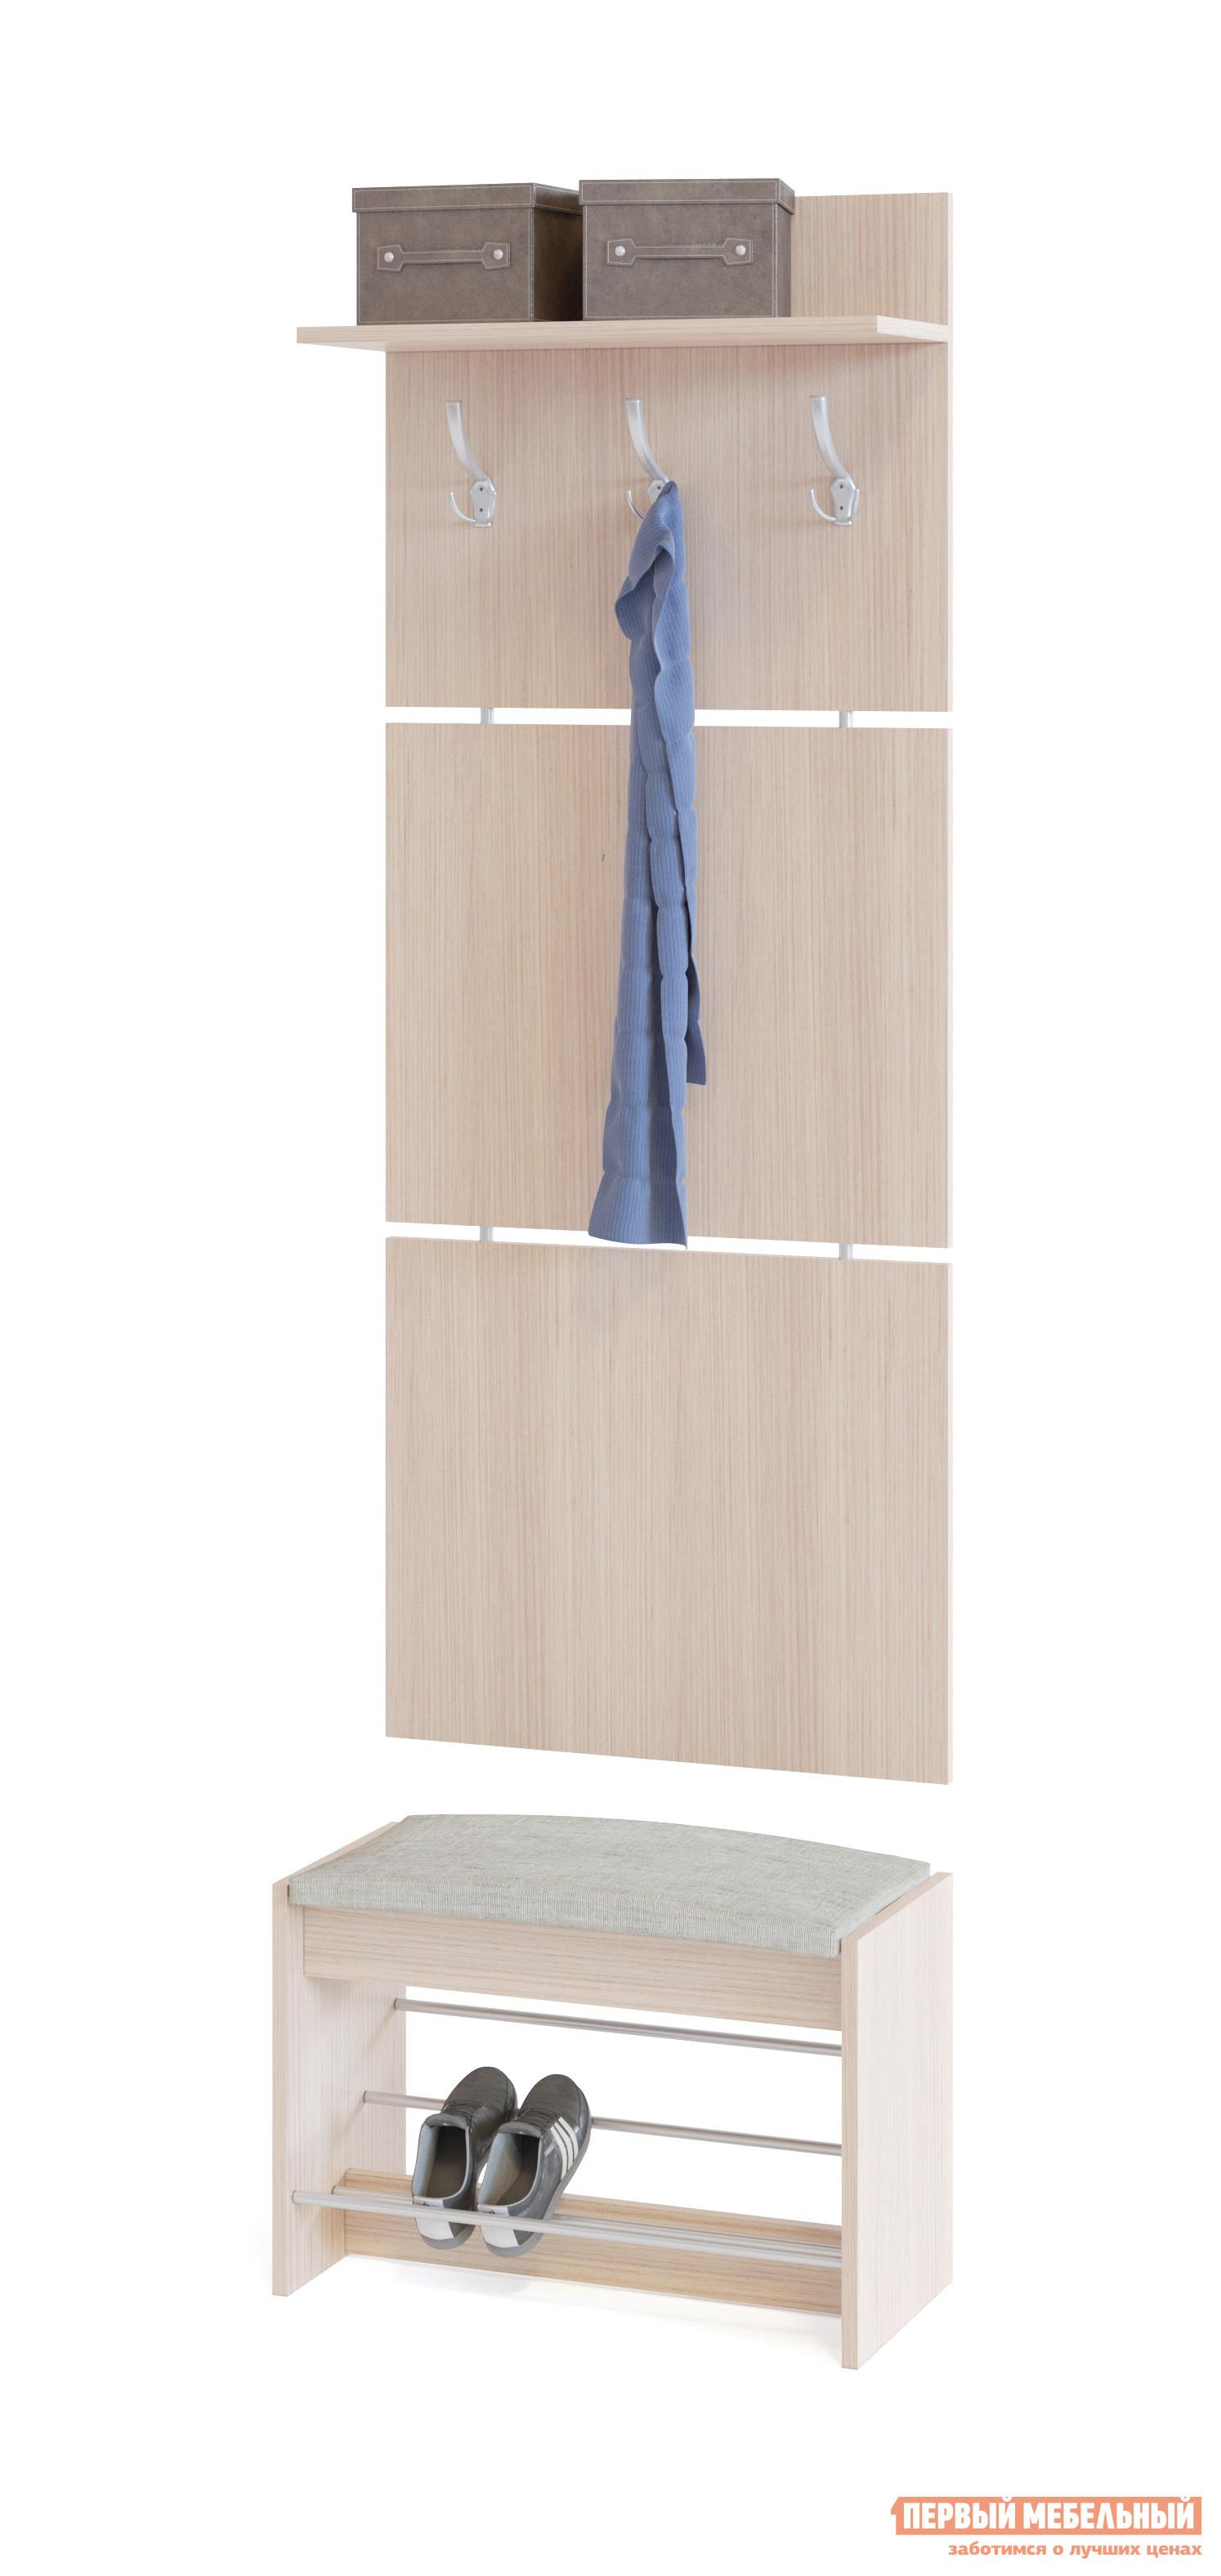 Прихожая Сокол ВШ-5.1+ТП-5 Беленый дубПрихожие в коридор<br>Габаритные размеры ВхШхГ 1898x600x281 мм. Настенная вешалка с обувницей — удобный вариант для маленькой прихожей.  Модель позволит разместить сезонную одежду всей семьи.  Вешалка состоит из 3-х панелей соединенных металлическими вставками.  Полка, закрепленная над крючками для одежды, предназначена специально для головных уборов и зонтов.  Максимальная нагрузка на полку составляет 5 кг. Обувница имеет мягкое сидением, на котором удобно будет переобуваться.  Открытые полочки позволяют разместить до четырех пар обуви.  Максимальная нагрузка на обувницу — 120 кг. Модули изготавливаются из ЛДСП 16 мм, края обработаны кромкой ПВХ 0,4 мм.  Наполнение мягкого элемента на обувнице — ППУ, обивка — ткань рогожка.  Рекомендуем сохранить инструкцию по сборке (паспорт изделия) до истечения гарантийного срока.<br><br>Цвет: Светлое дерево<br>Высота мм: 1898<br>Ширина мм: 600<br>Глубина мм: 281<br>Кол-во упаковок: 2<br>Форма поставки: В разобранном виде<br>Срок гарантии: 2 года<br>Тип: Прямые<br>Характеристика: Модульные<br>Материал: ЛДСП<br>Размер: Маленькие<br>Размер: Узкие<br>Размер: Глубина до 30 см<br>Размер: Глубина до 35 см<br>С сиденьем: Да<br>С открытой вешалкой: Да<br>С обувницей: Да<br>Без шкафа: Да